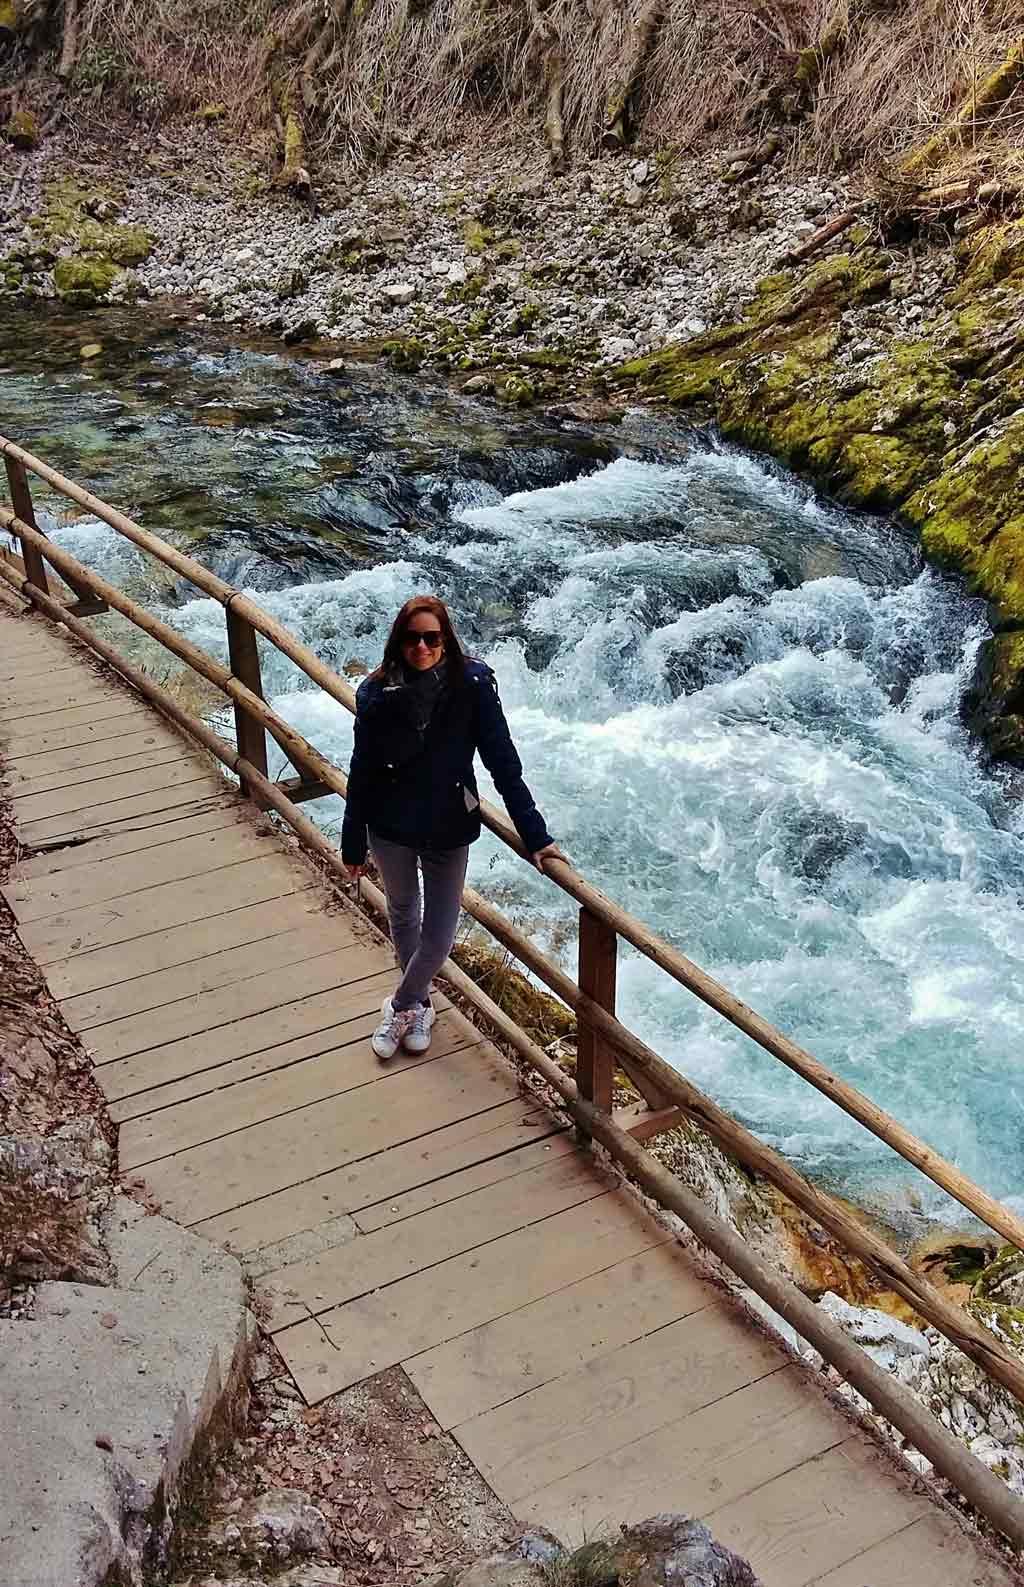 La forza del torrente Radovna nella gola di Vintgar